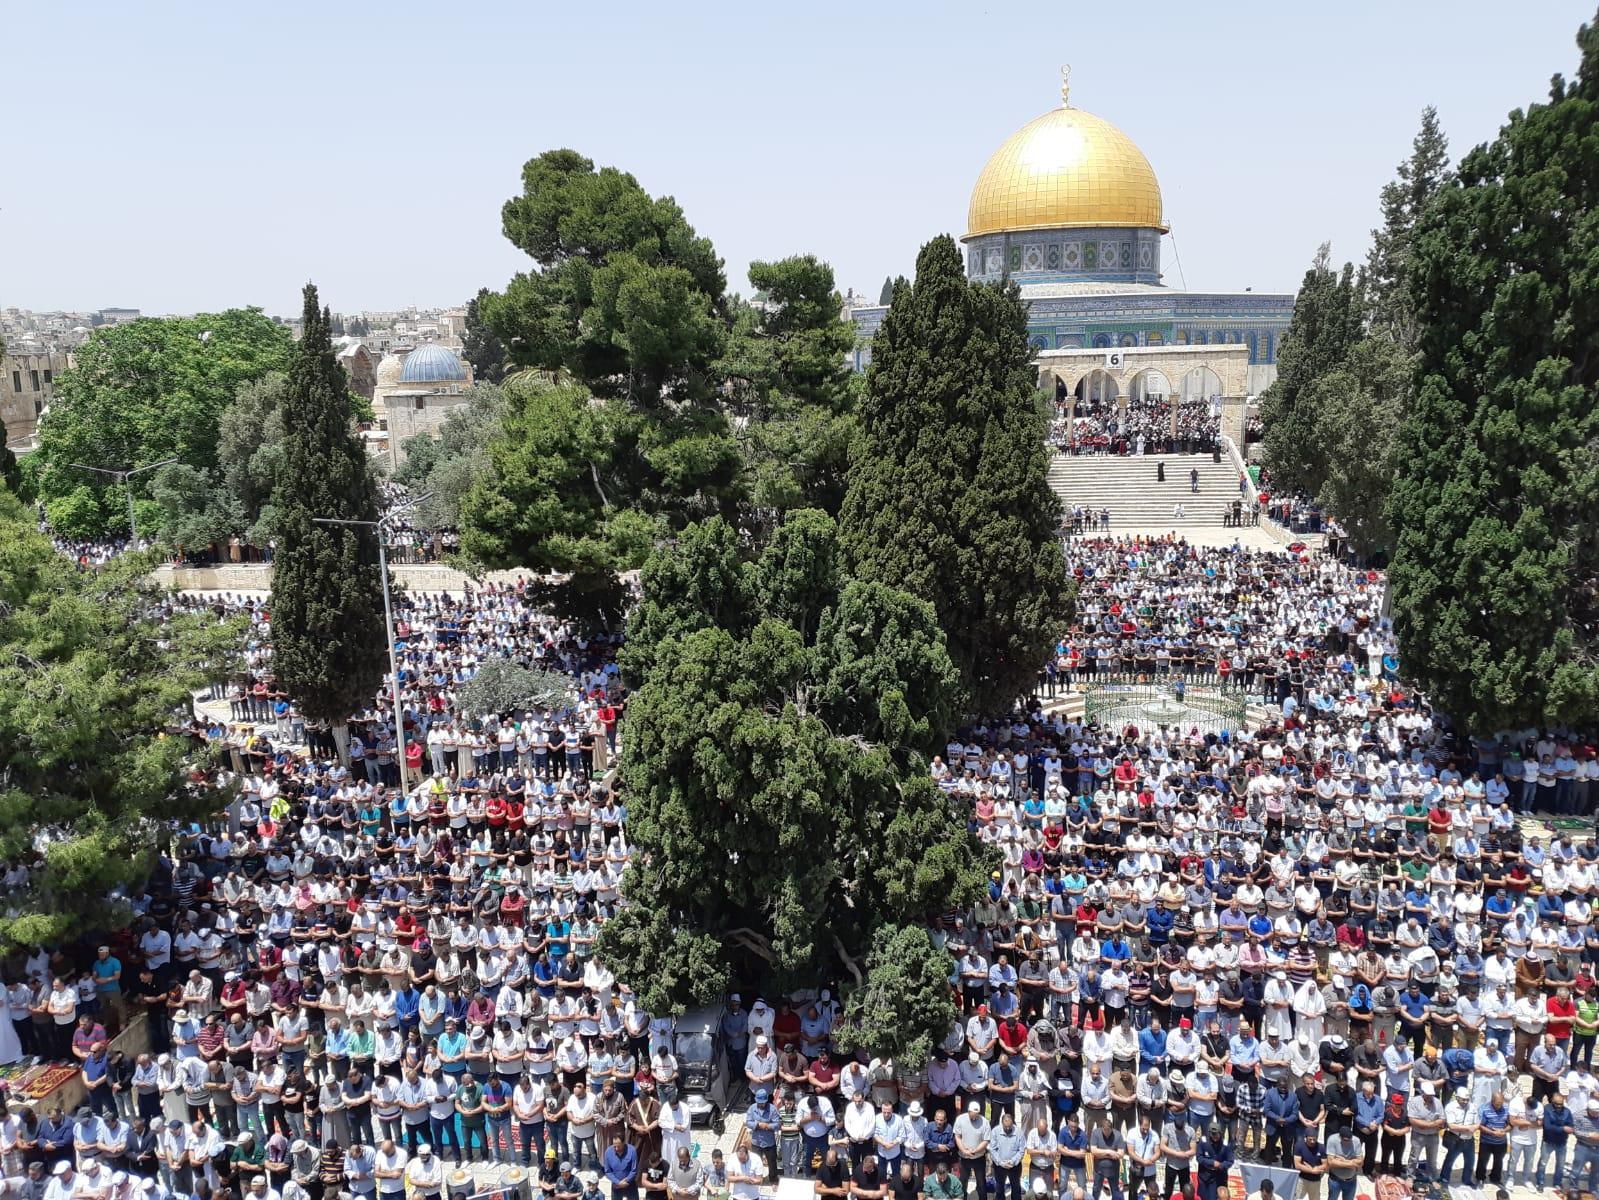 القدس: 200 ألف فلسطيني يؤدون صلاة الجمعة الثانية بالأقصى